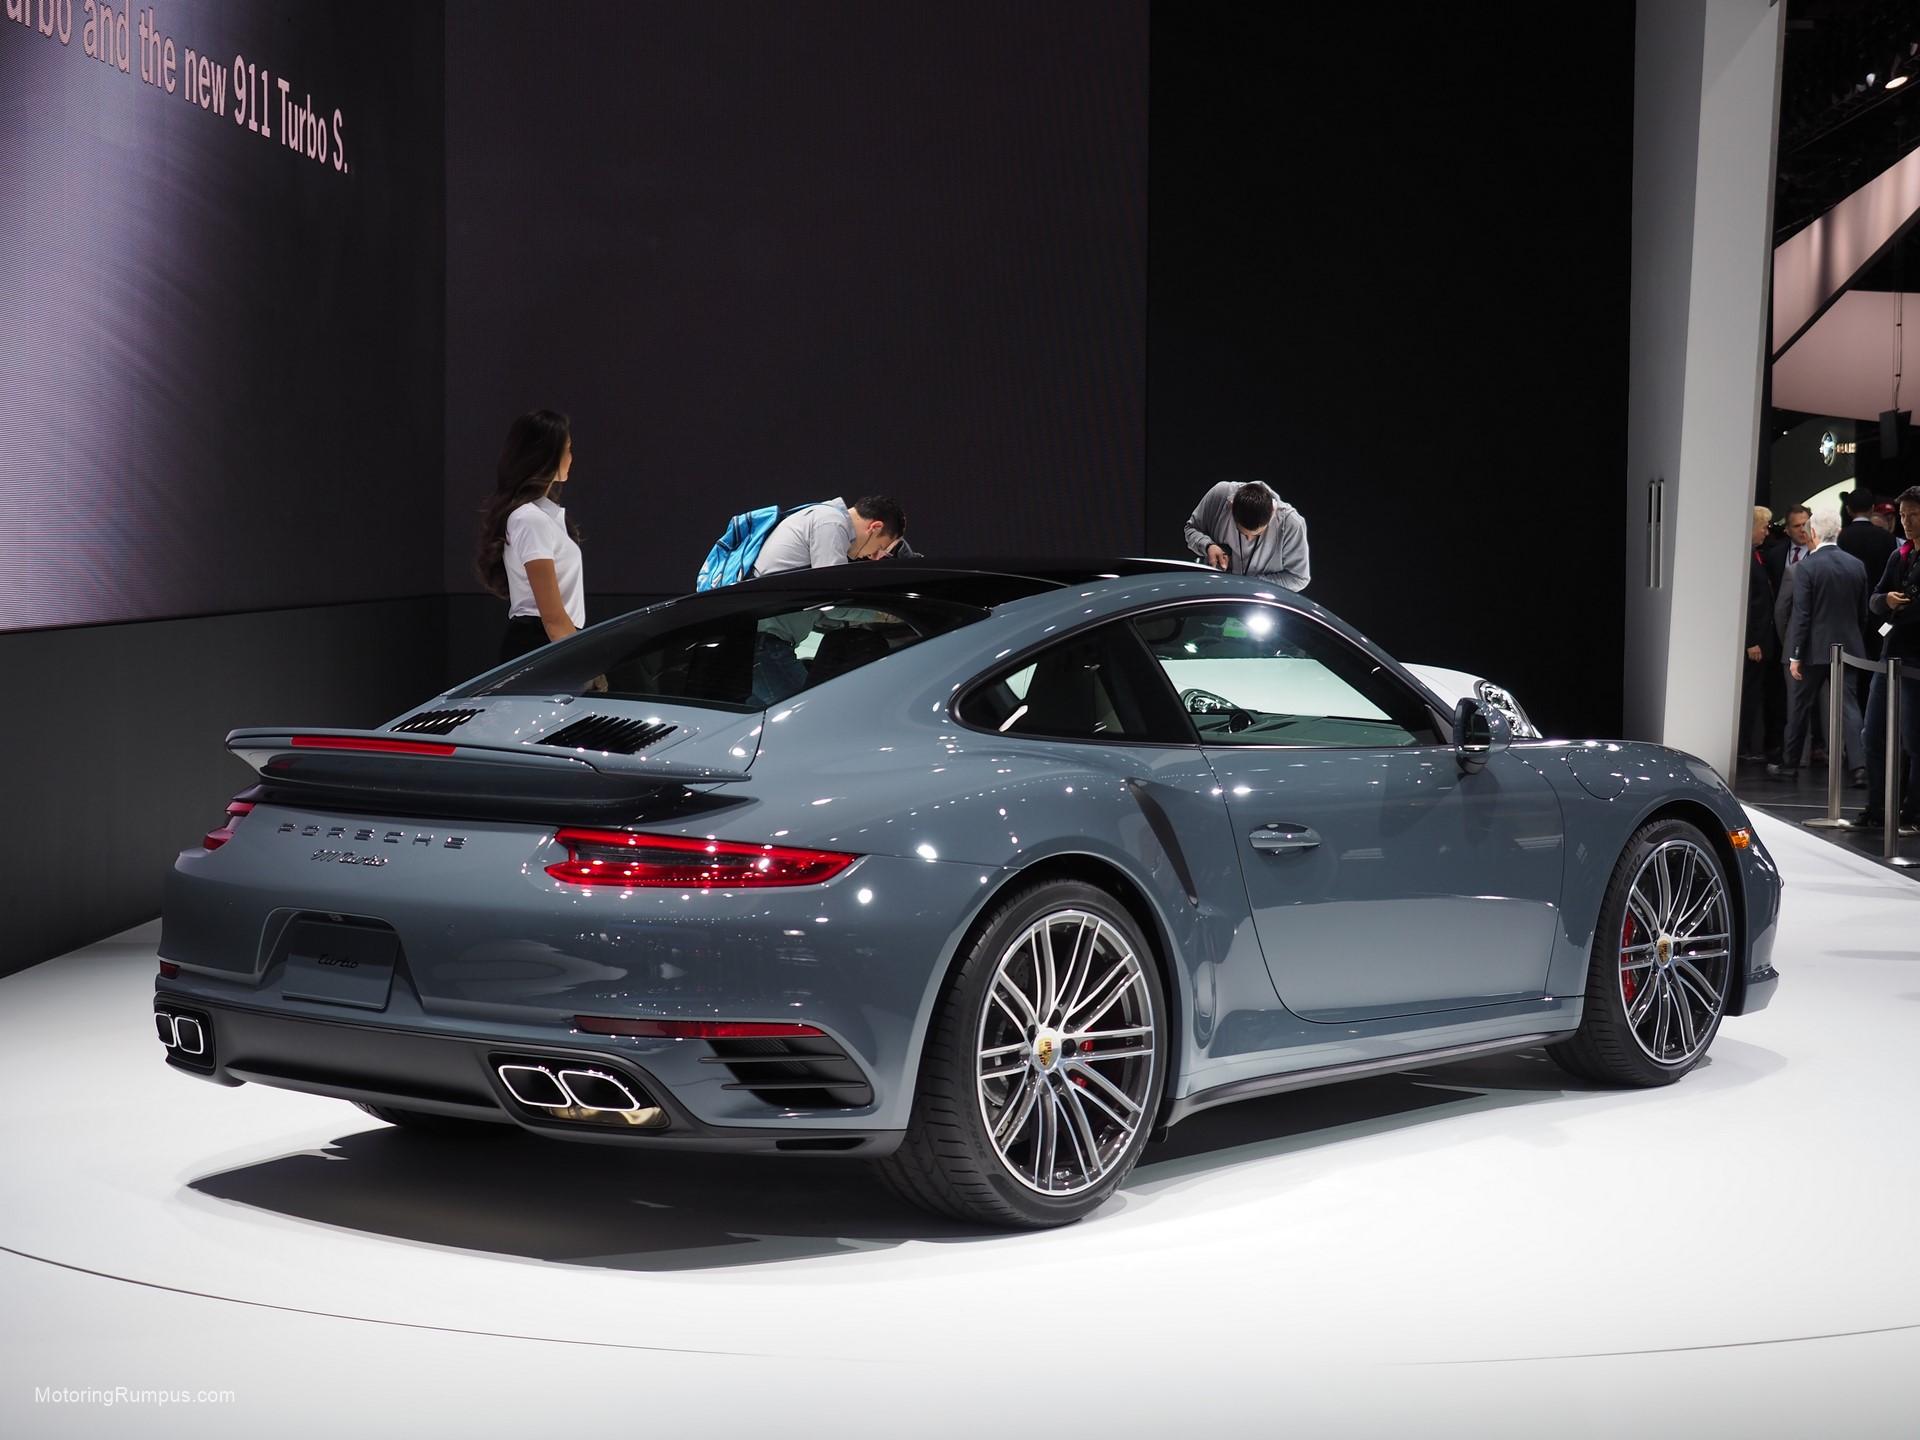 2016 NAIAS Porsche 911 Turbo Graphite Blue Metallic